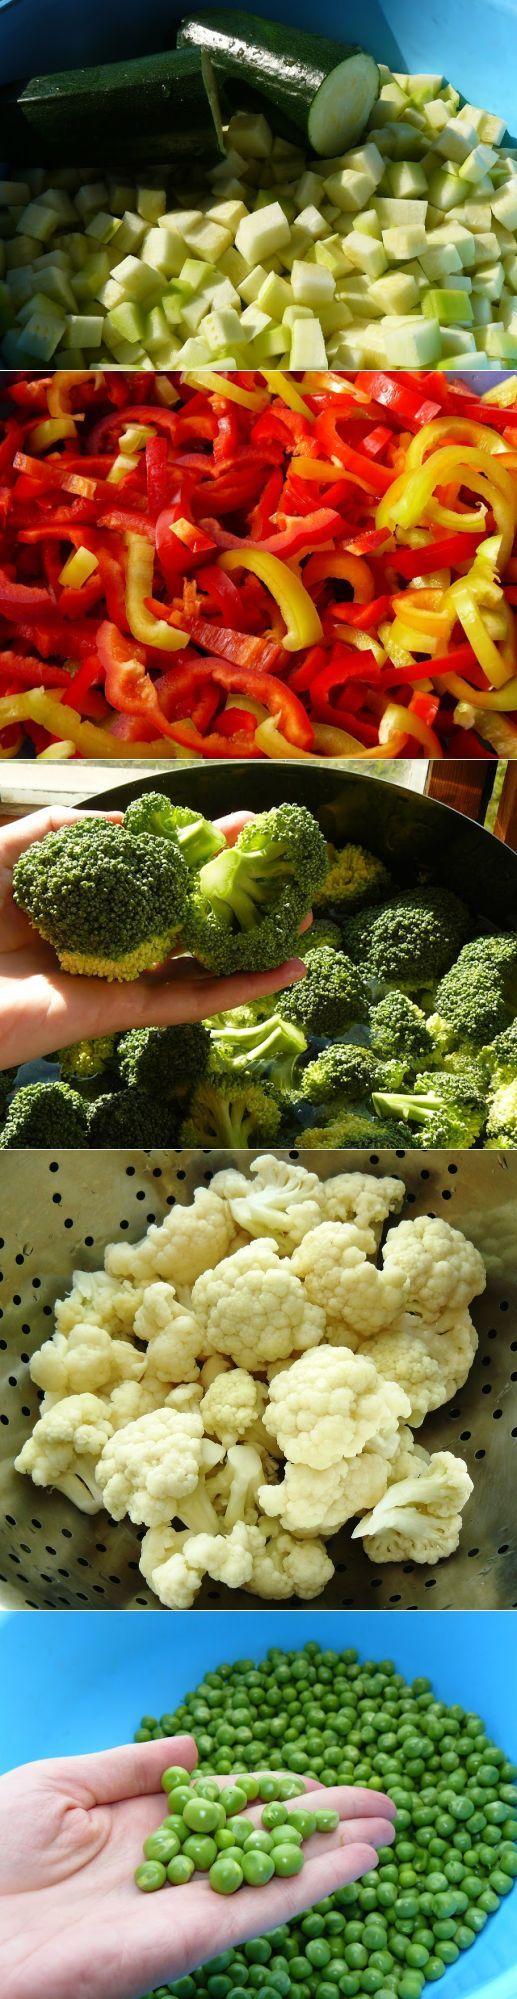 Просто вкусняшка: как заморозить овощи на зиму